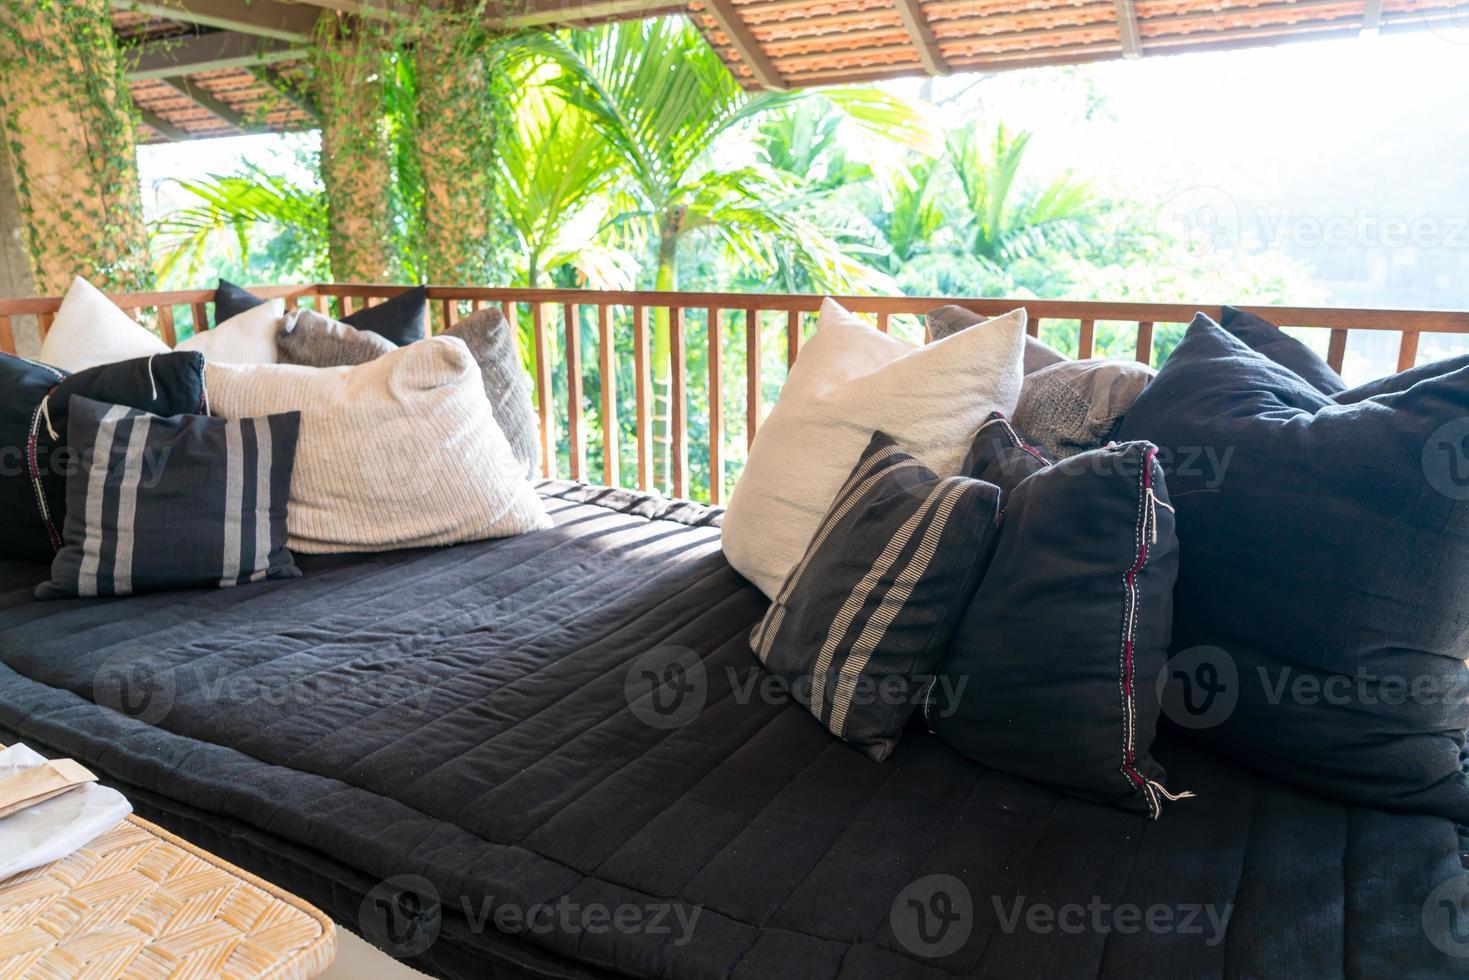 Oreiller décore sur canapé sur balcon terrasse photo